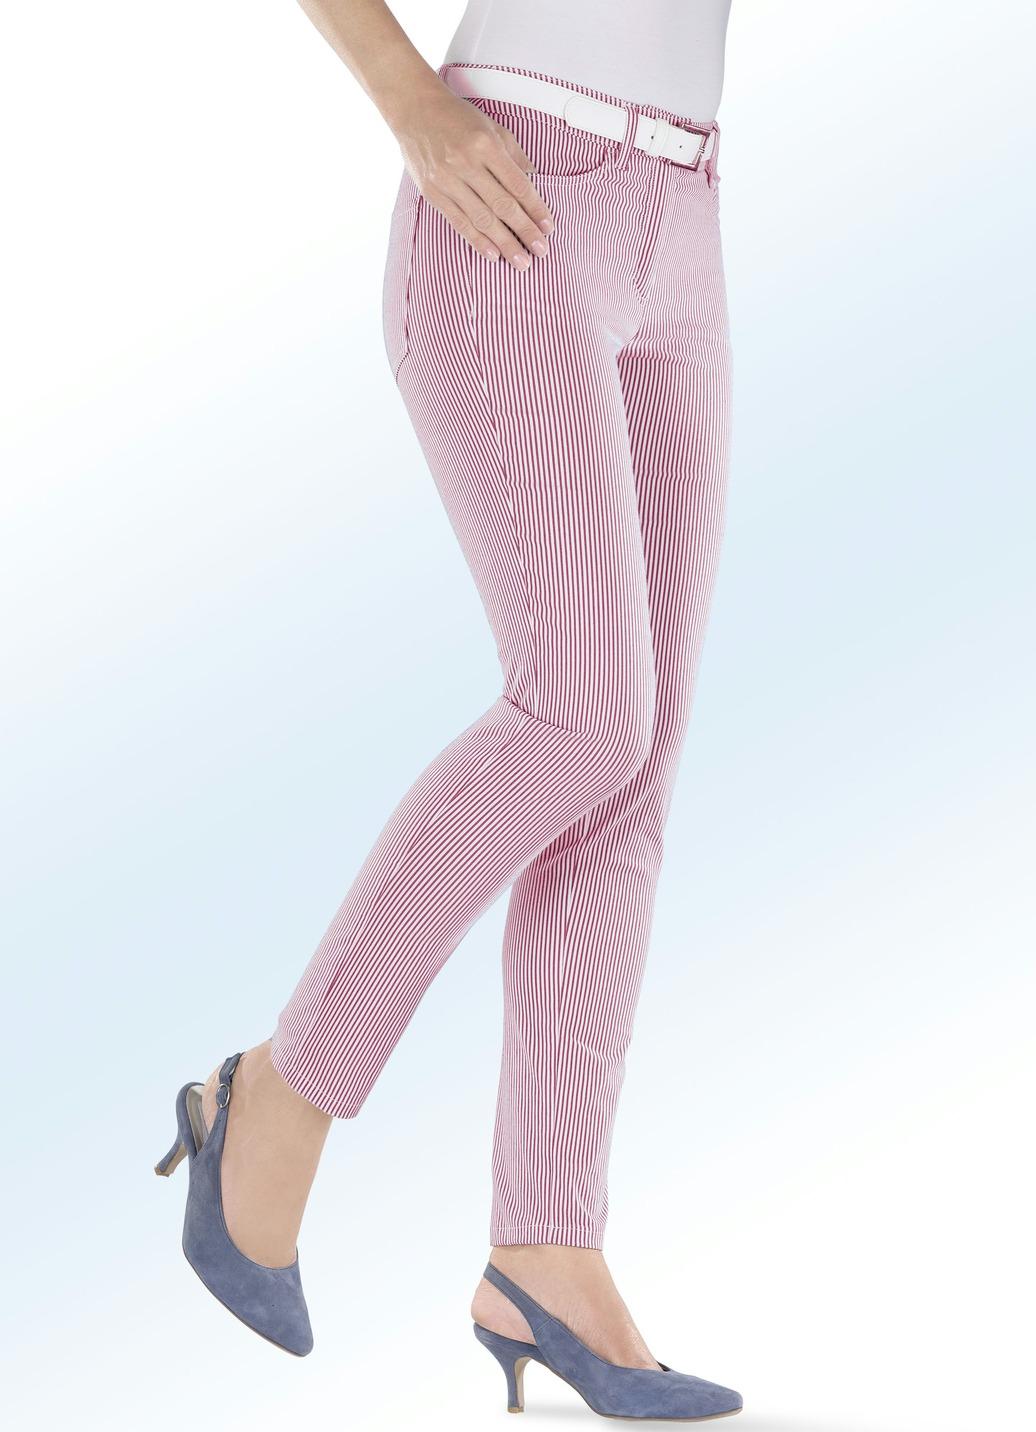 4-Pocket-Hose in angsagter Streifenoptik in 3 Farben Weiss-Rot Größe 40 Damen Preisvergleich